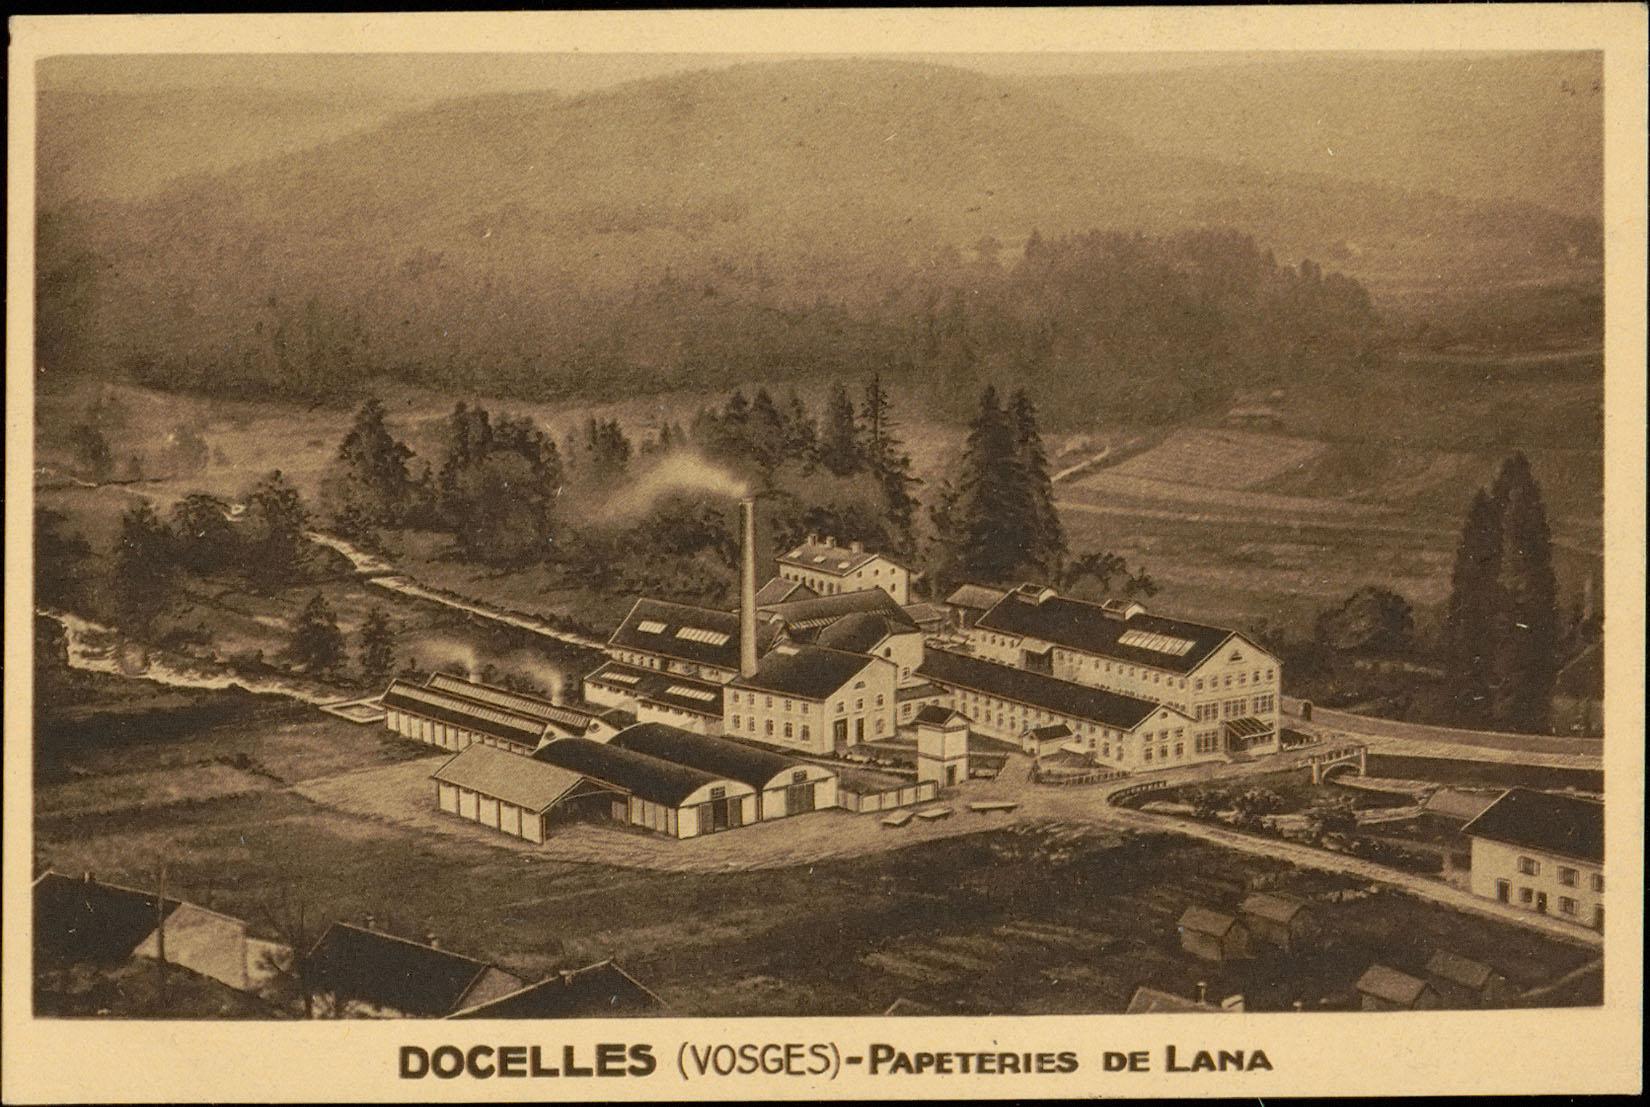 Contenu du Docelles (Vosges), Papeteries de Lana